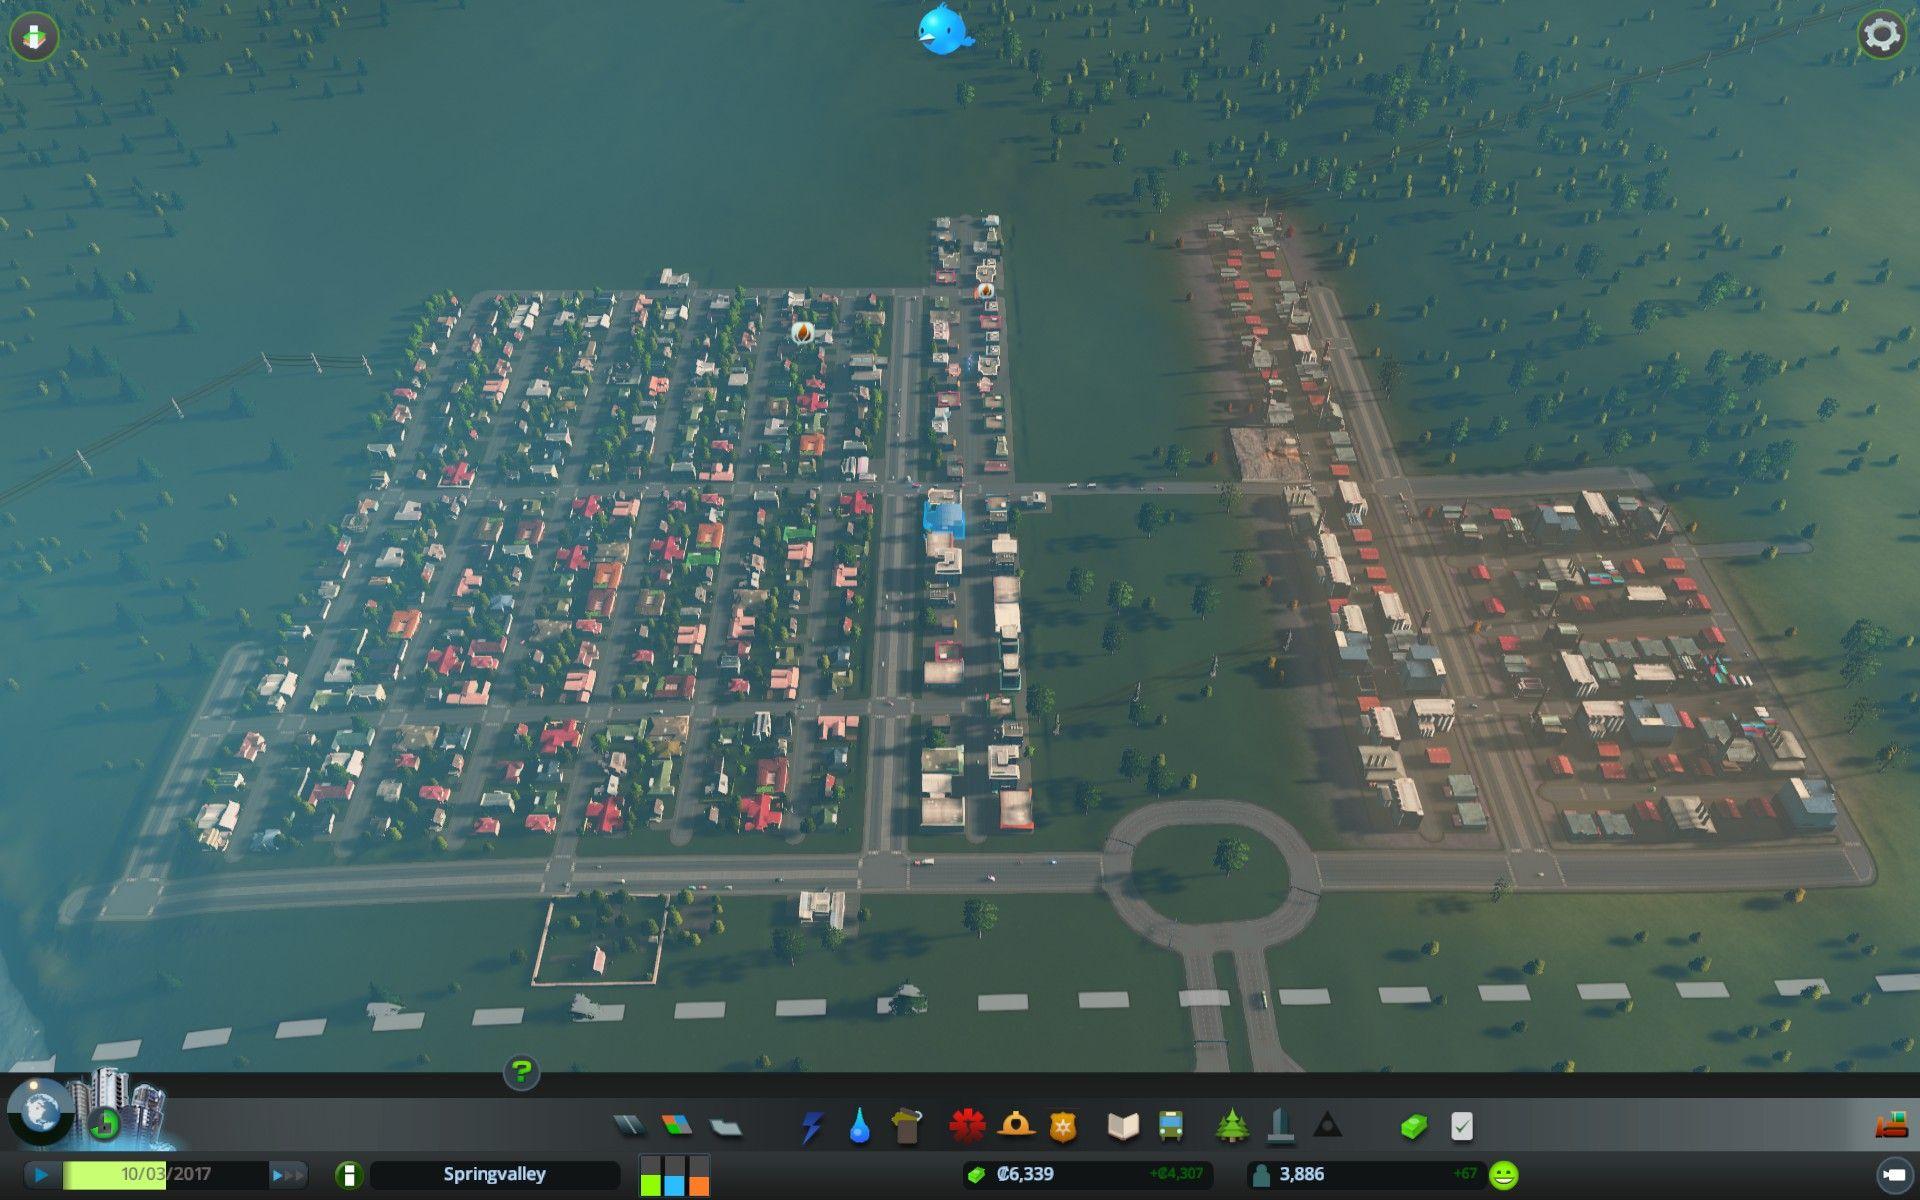 52103d7a36acd49b80c3ca51c8d159317a96eb1e City Road Layout City Photo